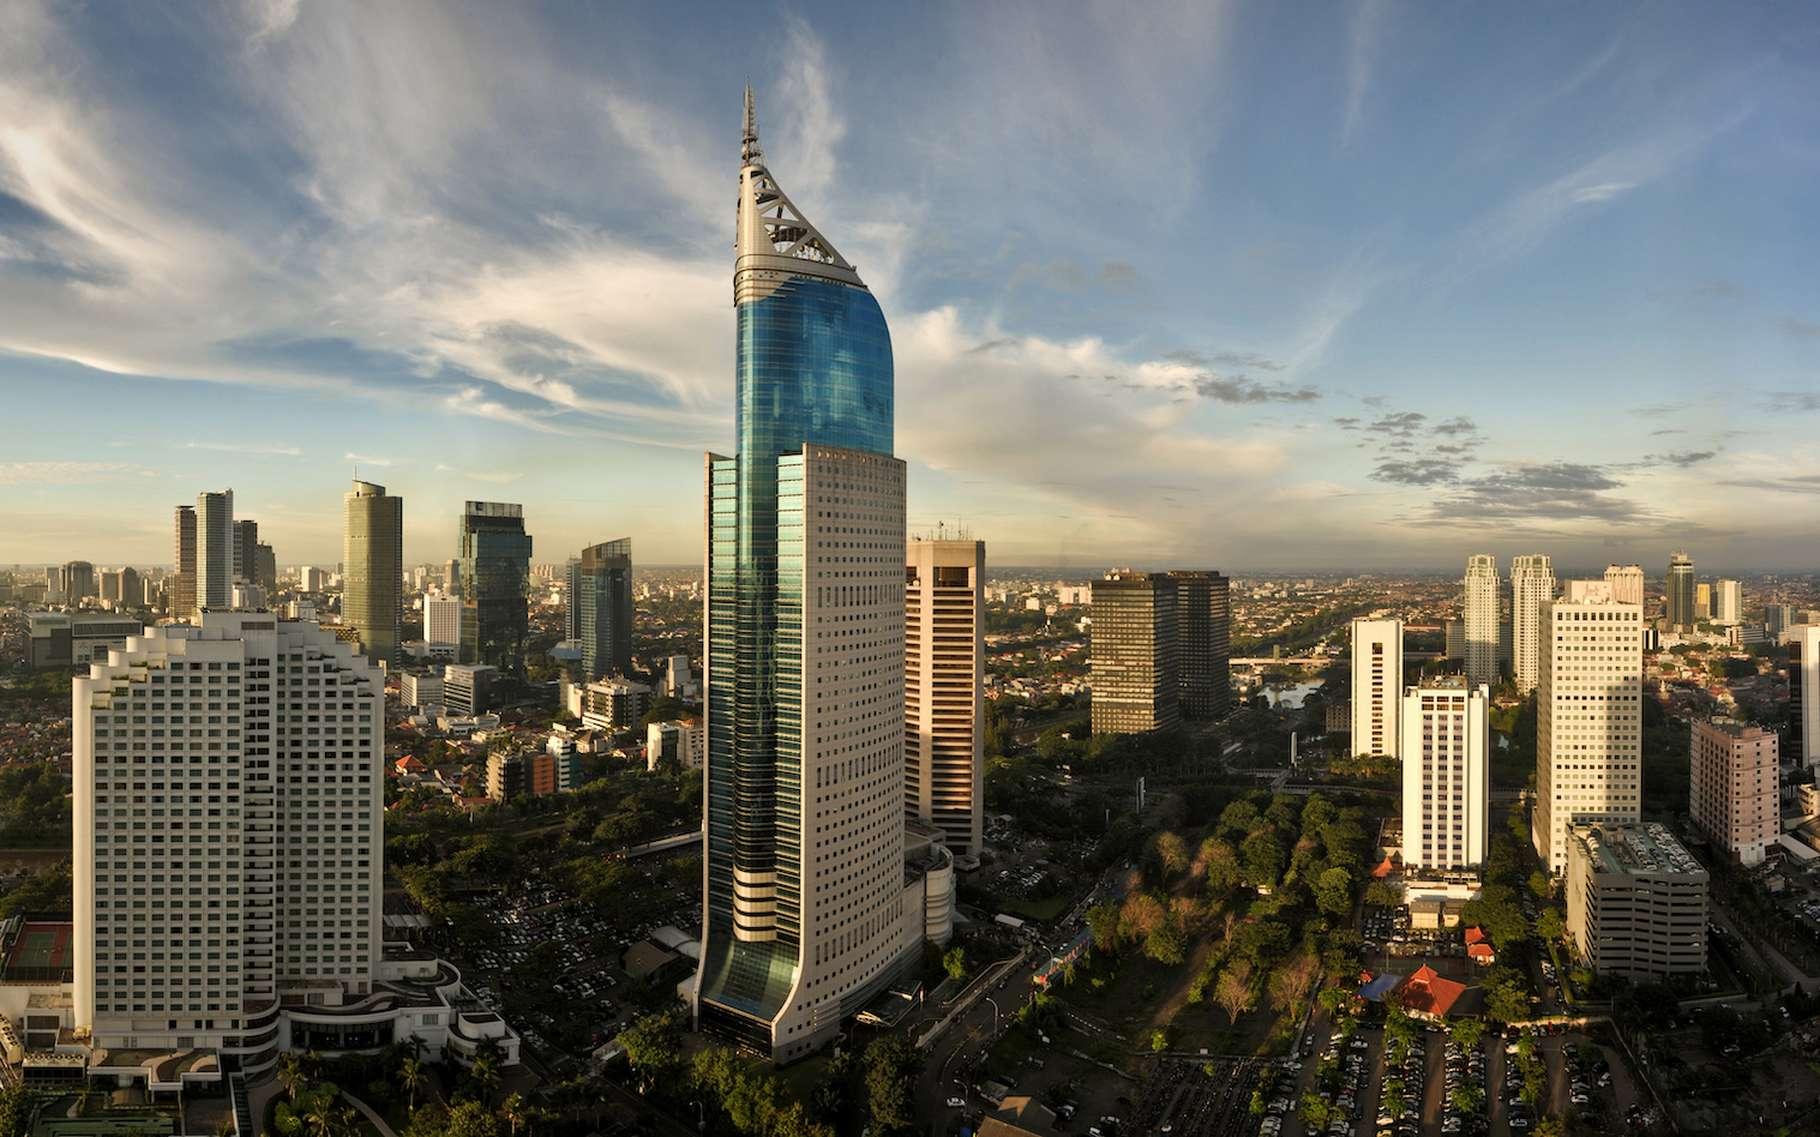 Selon les chercheurs de l'université d'East Anglia (Royaume-Uni), entre élévation du niveau de la mer et affaissement des terres, la ville de Jakarta est menacée. © Daxiao Productions, Adobe Stock